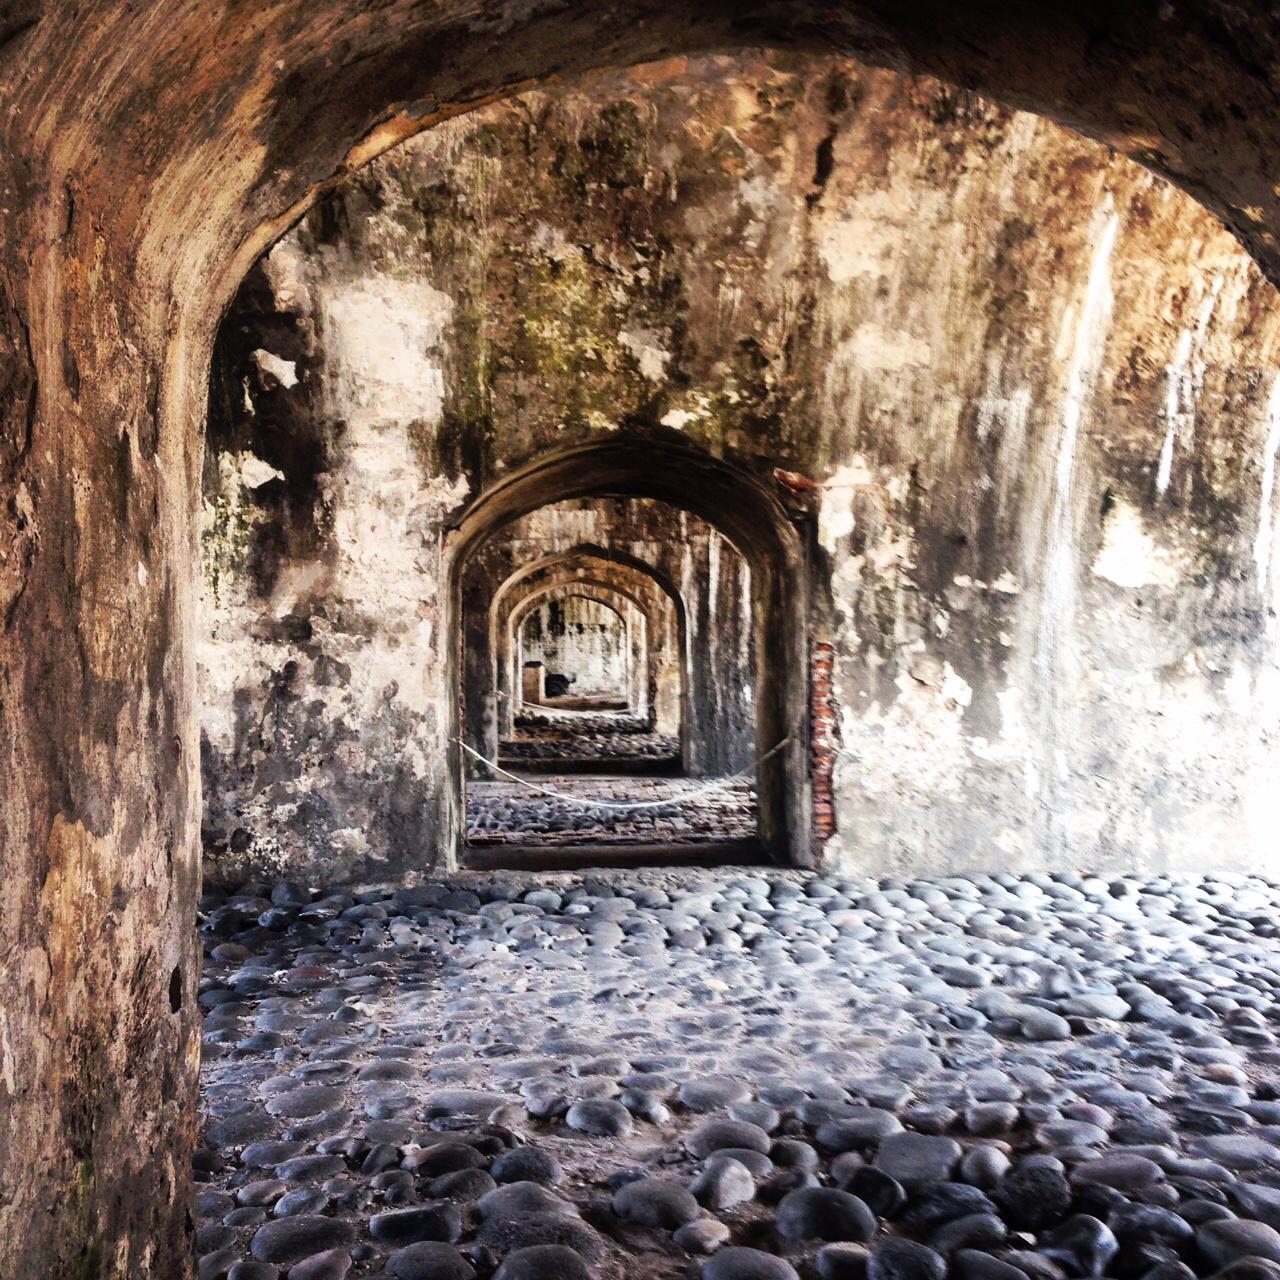 ¿Cuántas historias sabrán estos pasillos? ¡Sí, estamos en #SanJuanDeUlúa! @VeracruzTurismo http://t.co/5NeTC0T0SR